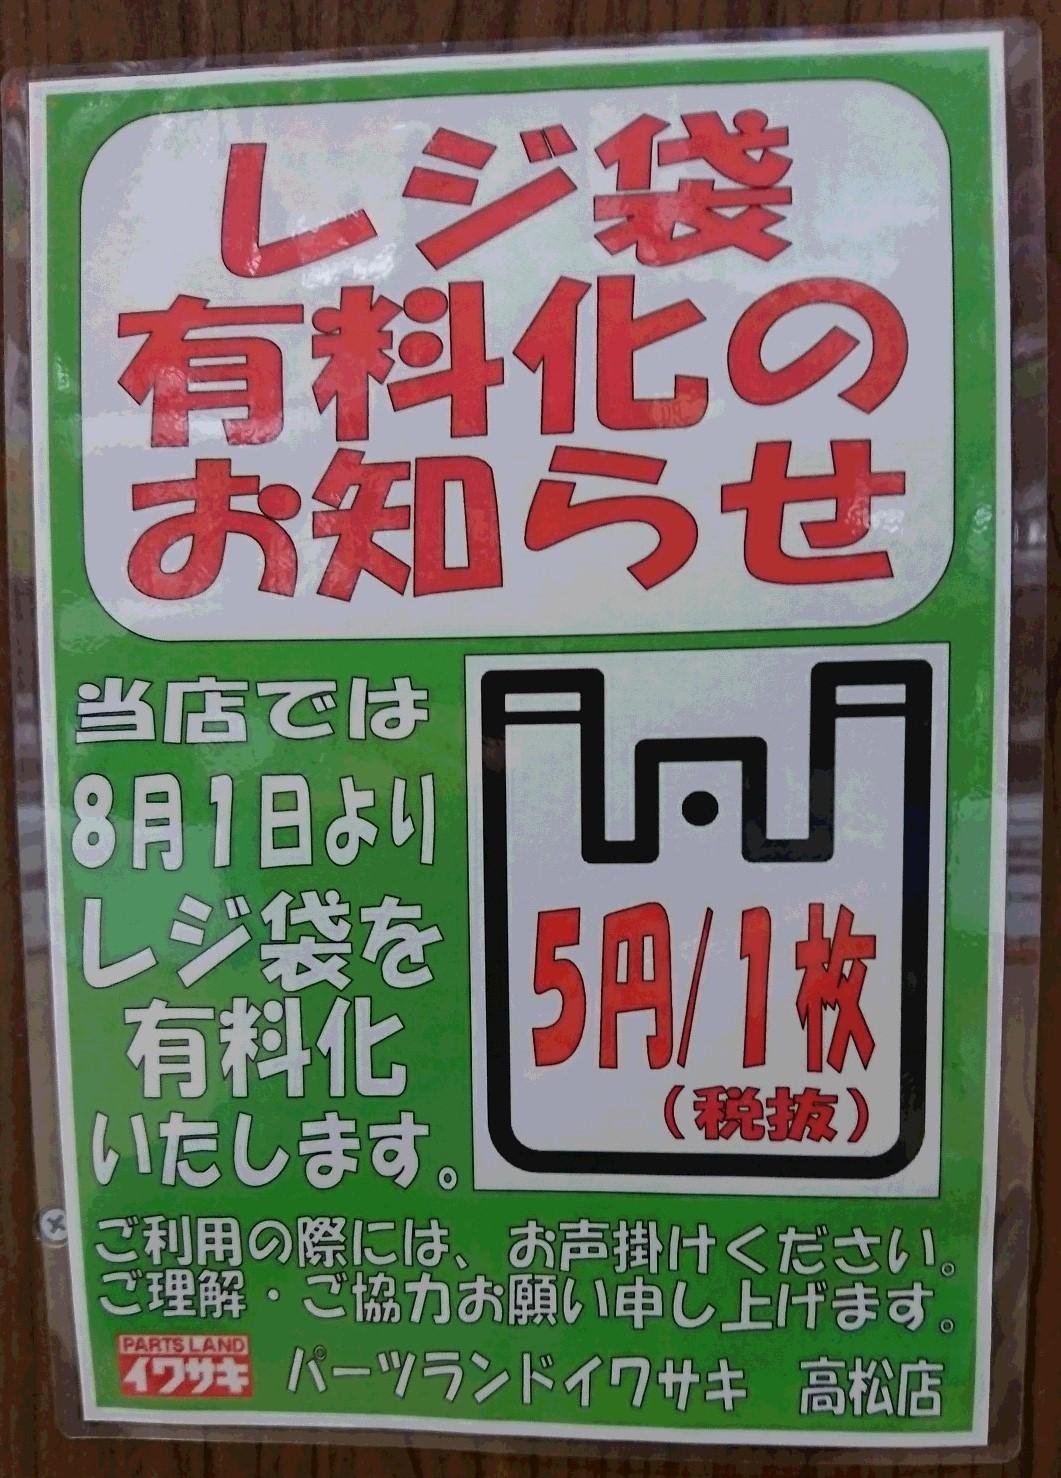 レジ袋有料化のお知らせ_b0163075_09003240.jpg